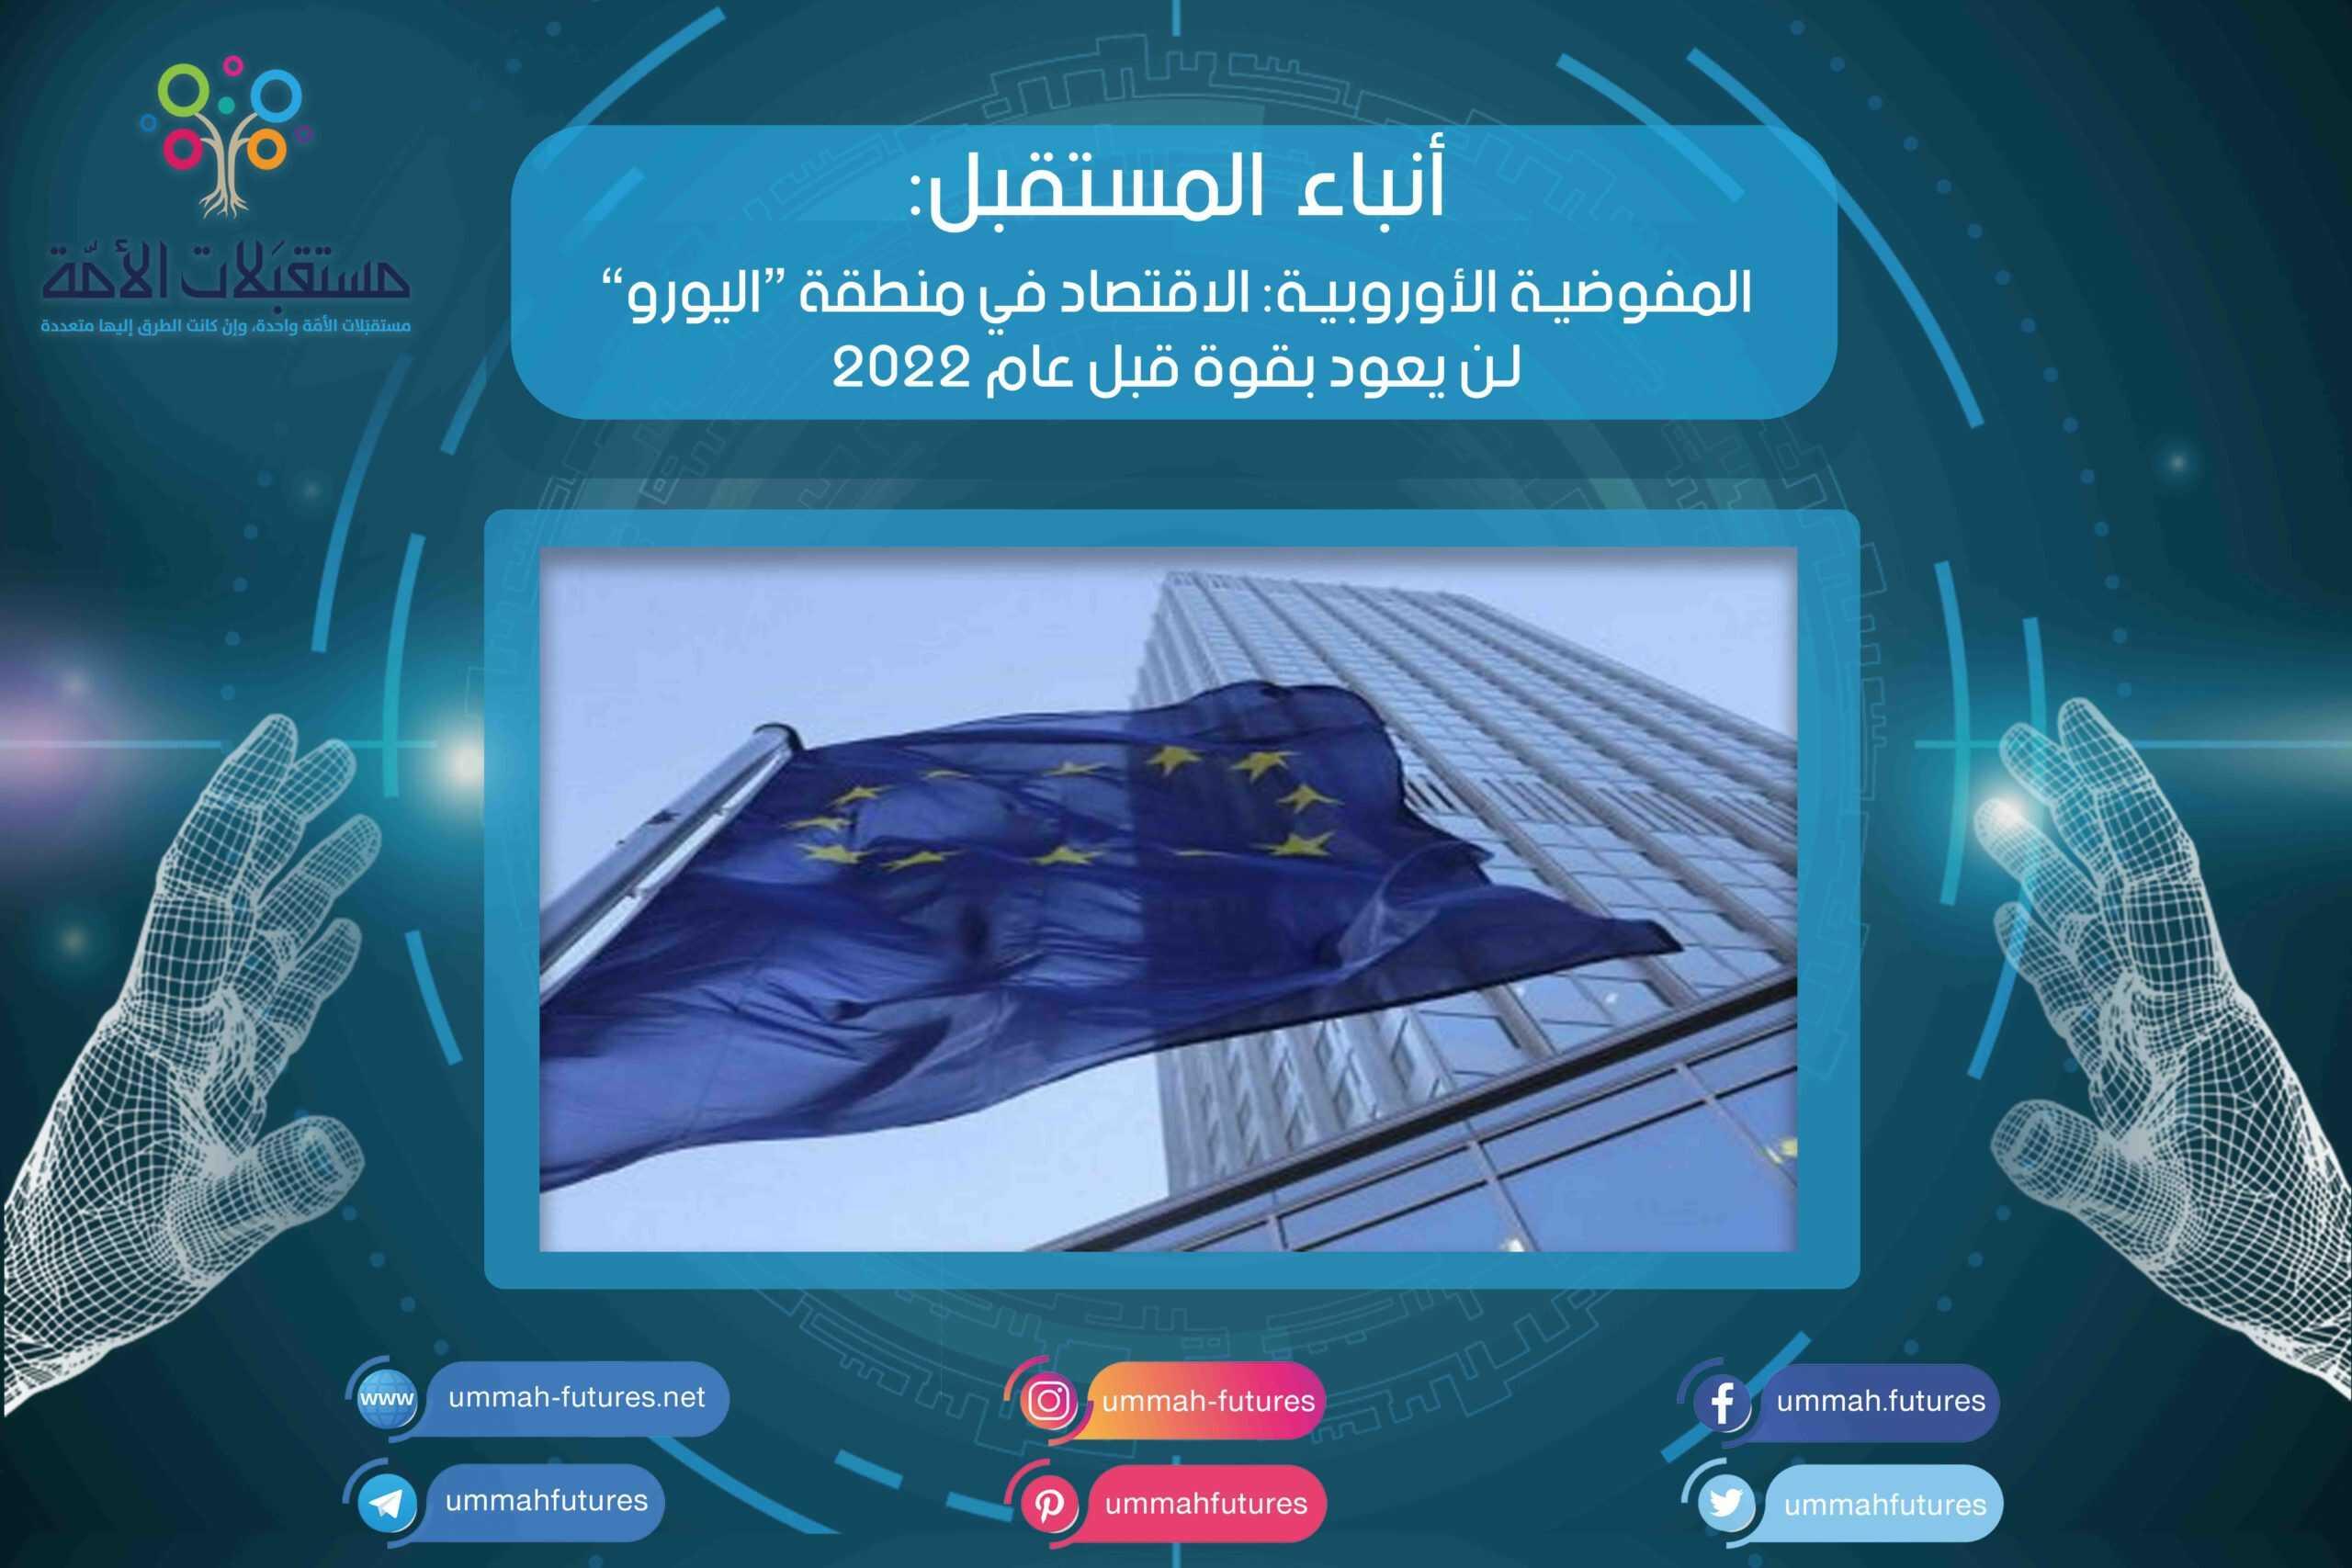 """المفوضية الأوروبية: الاقتصاد في منطقة """"اليورو"""" لن يعود بقوة قبل عام 2022"""